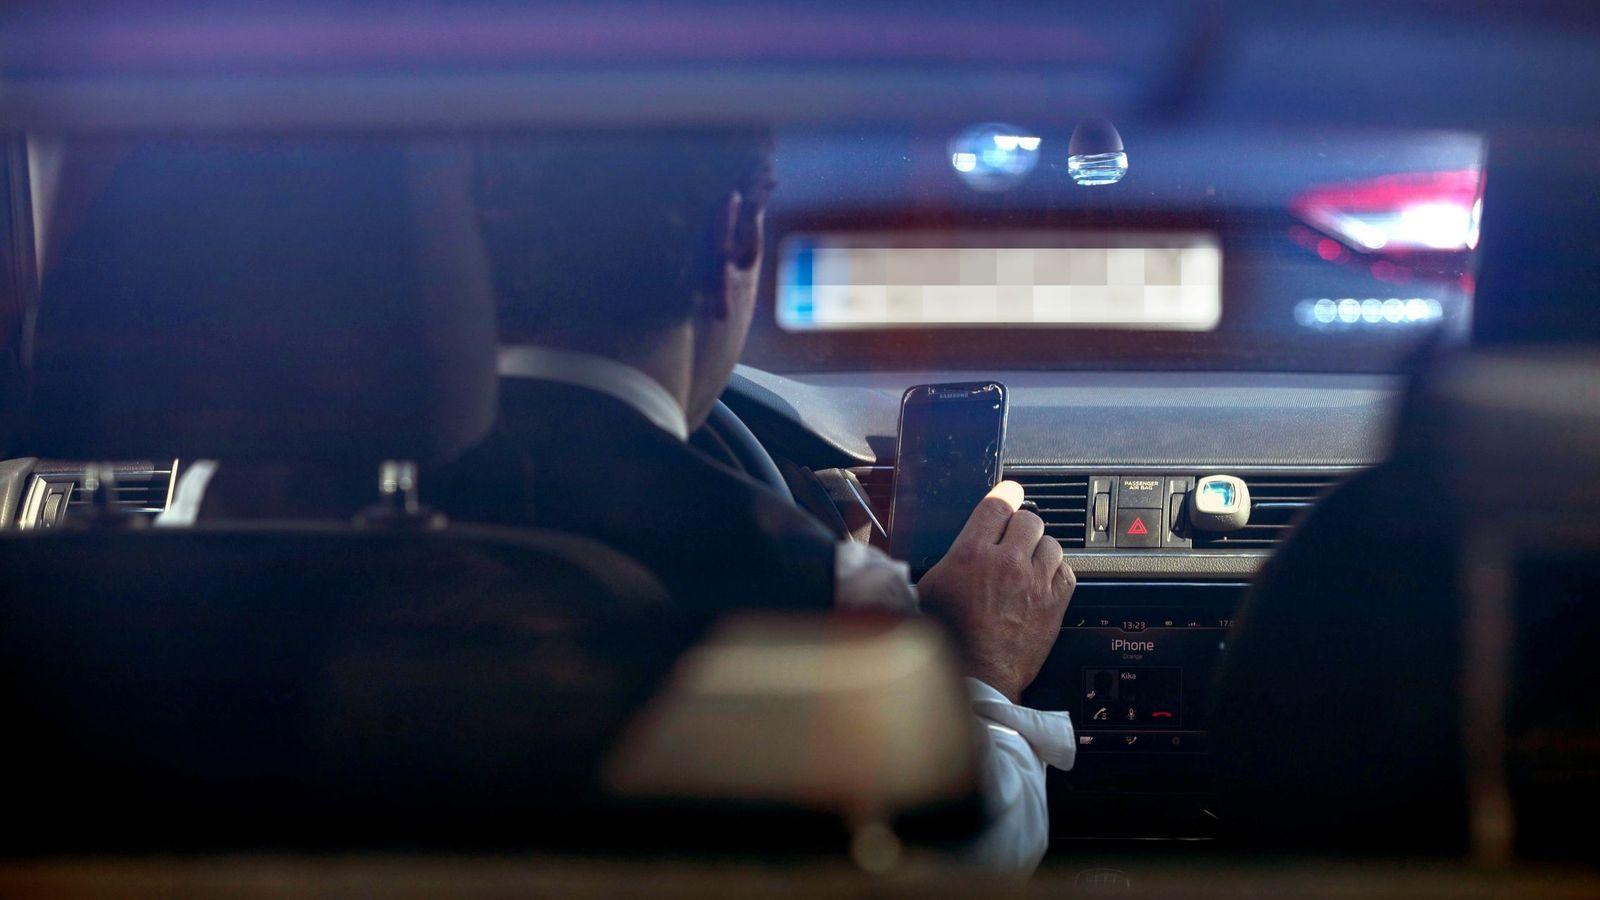 Maravilla Simposio dolor de estómago  Apps - Aplicaciones: Denuncian a Uber y Cabify ante Inspección de Trabajo  por supuestas irregularidades